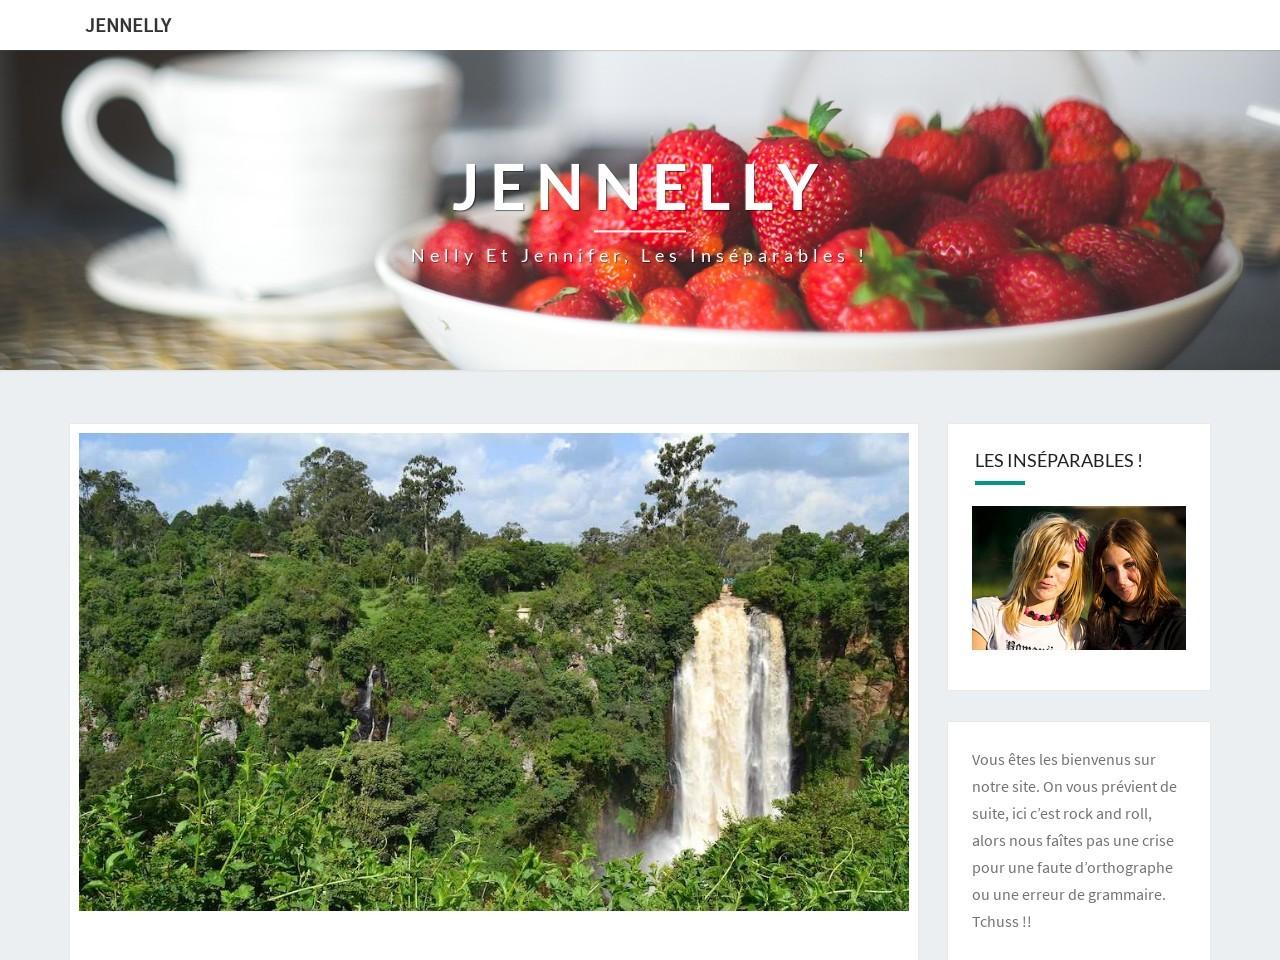 jennelly.fr